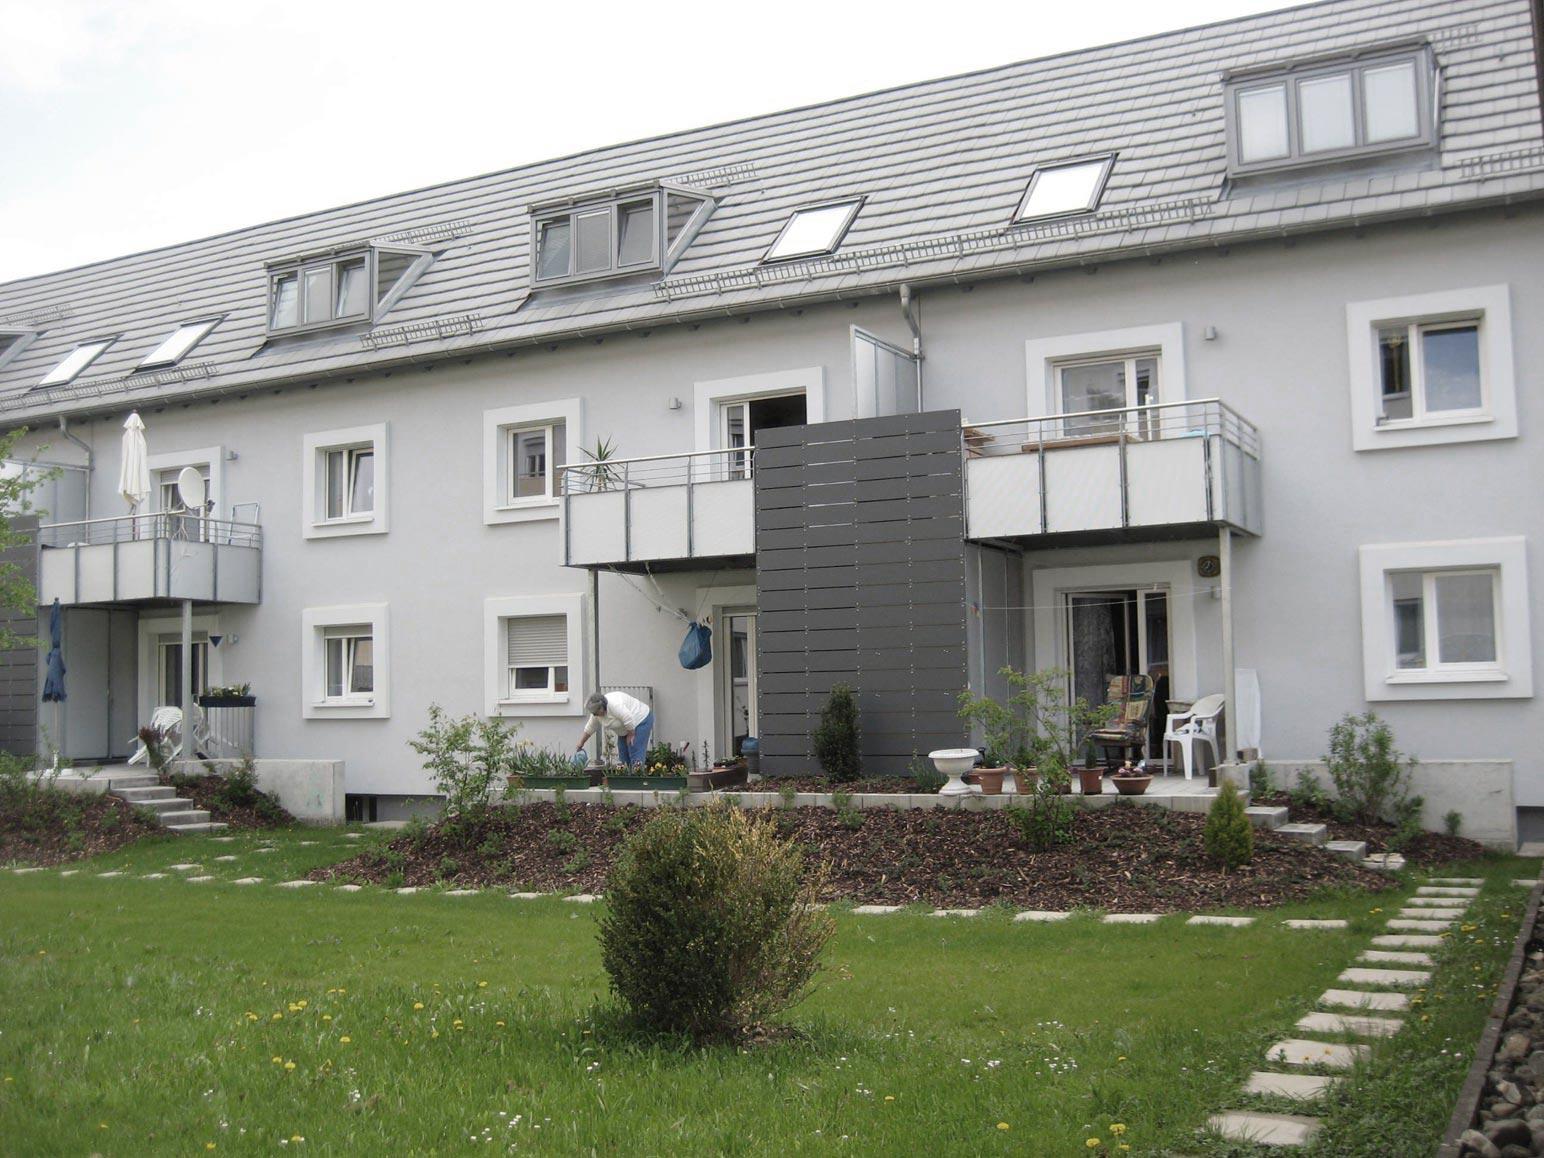 ENERGIEWENDE Seit über 15 Jahren engagieren wir uns für die energetische Sanierung von Wohngebäuden und mit zahlreichen Preisen ausgezeichnet<br /><br /><a href='https://www.mader-architekten.de/projekte/2/energetische-sanierung/allgemeines/'>Energetische Sanierungen</a>